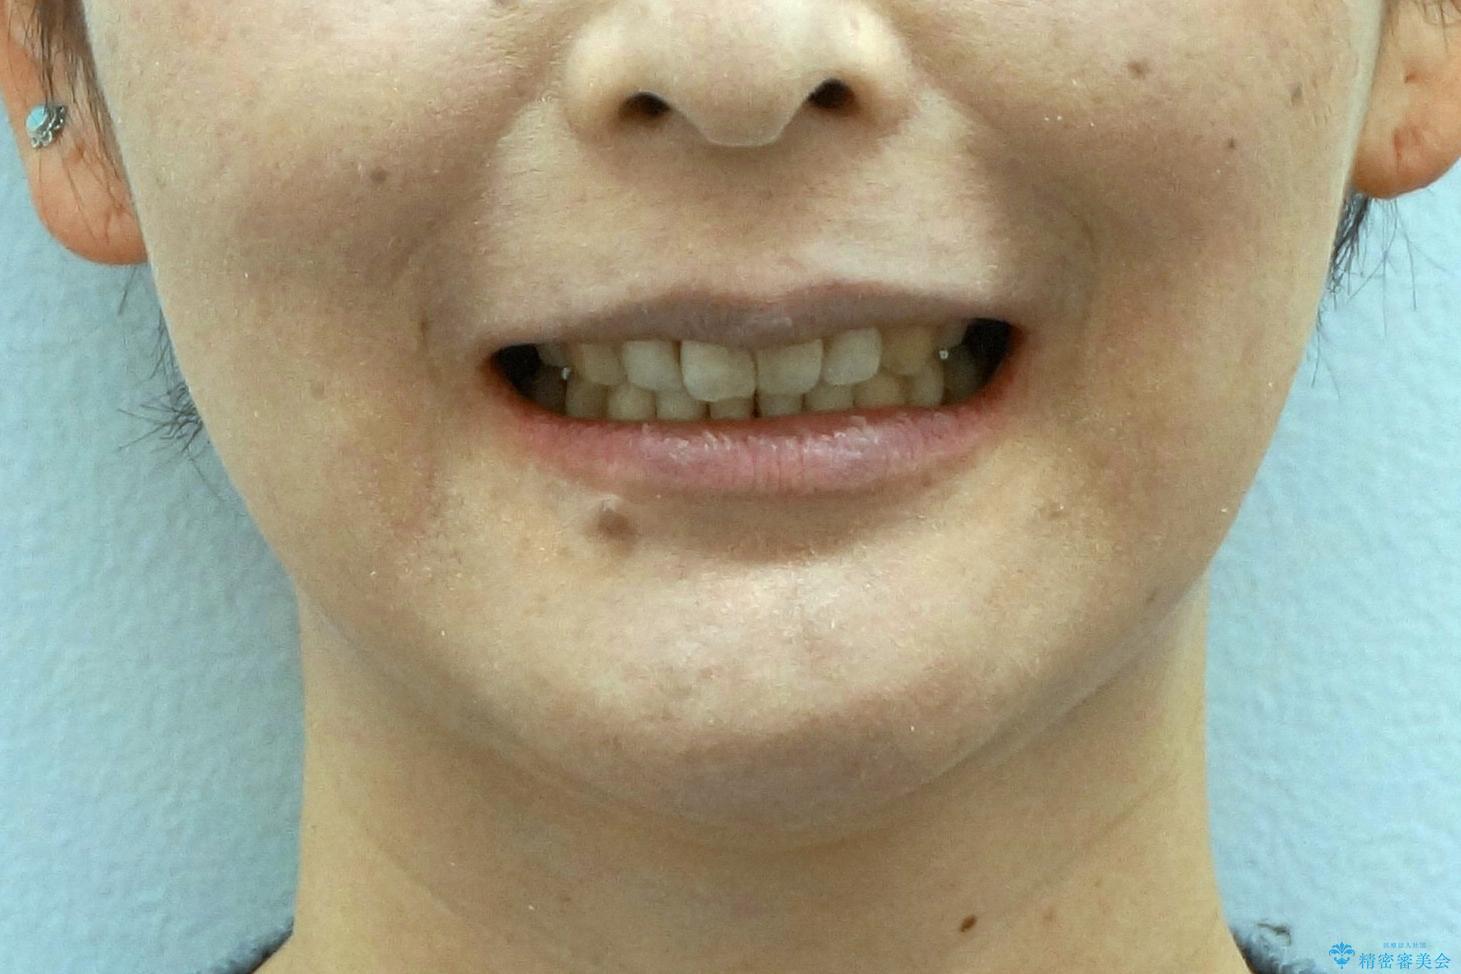 40代の矯正 出っ歯、歯のがたがたの治療後(顔貌)